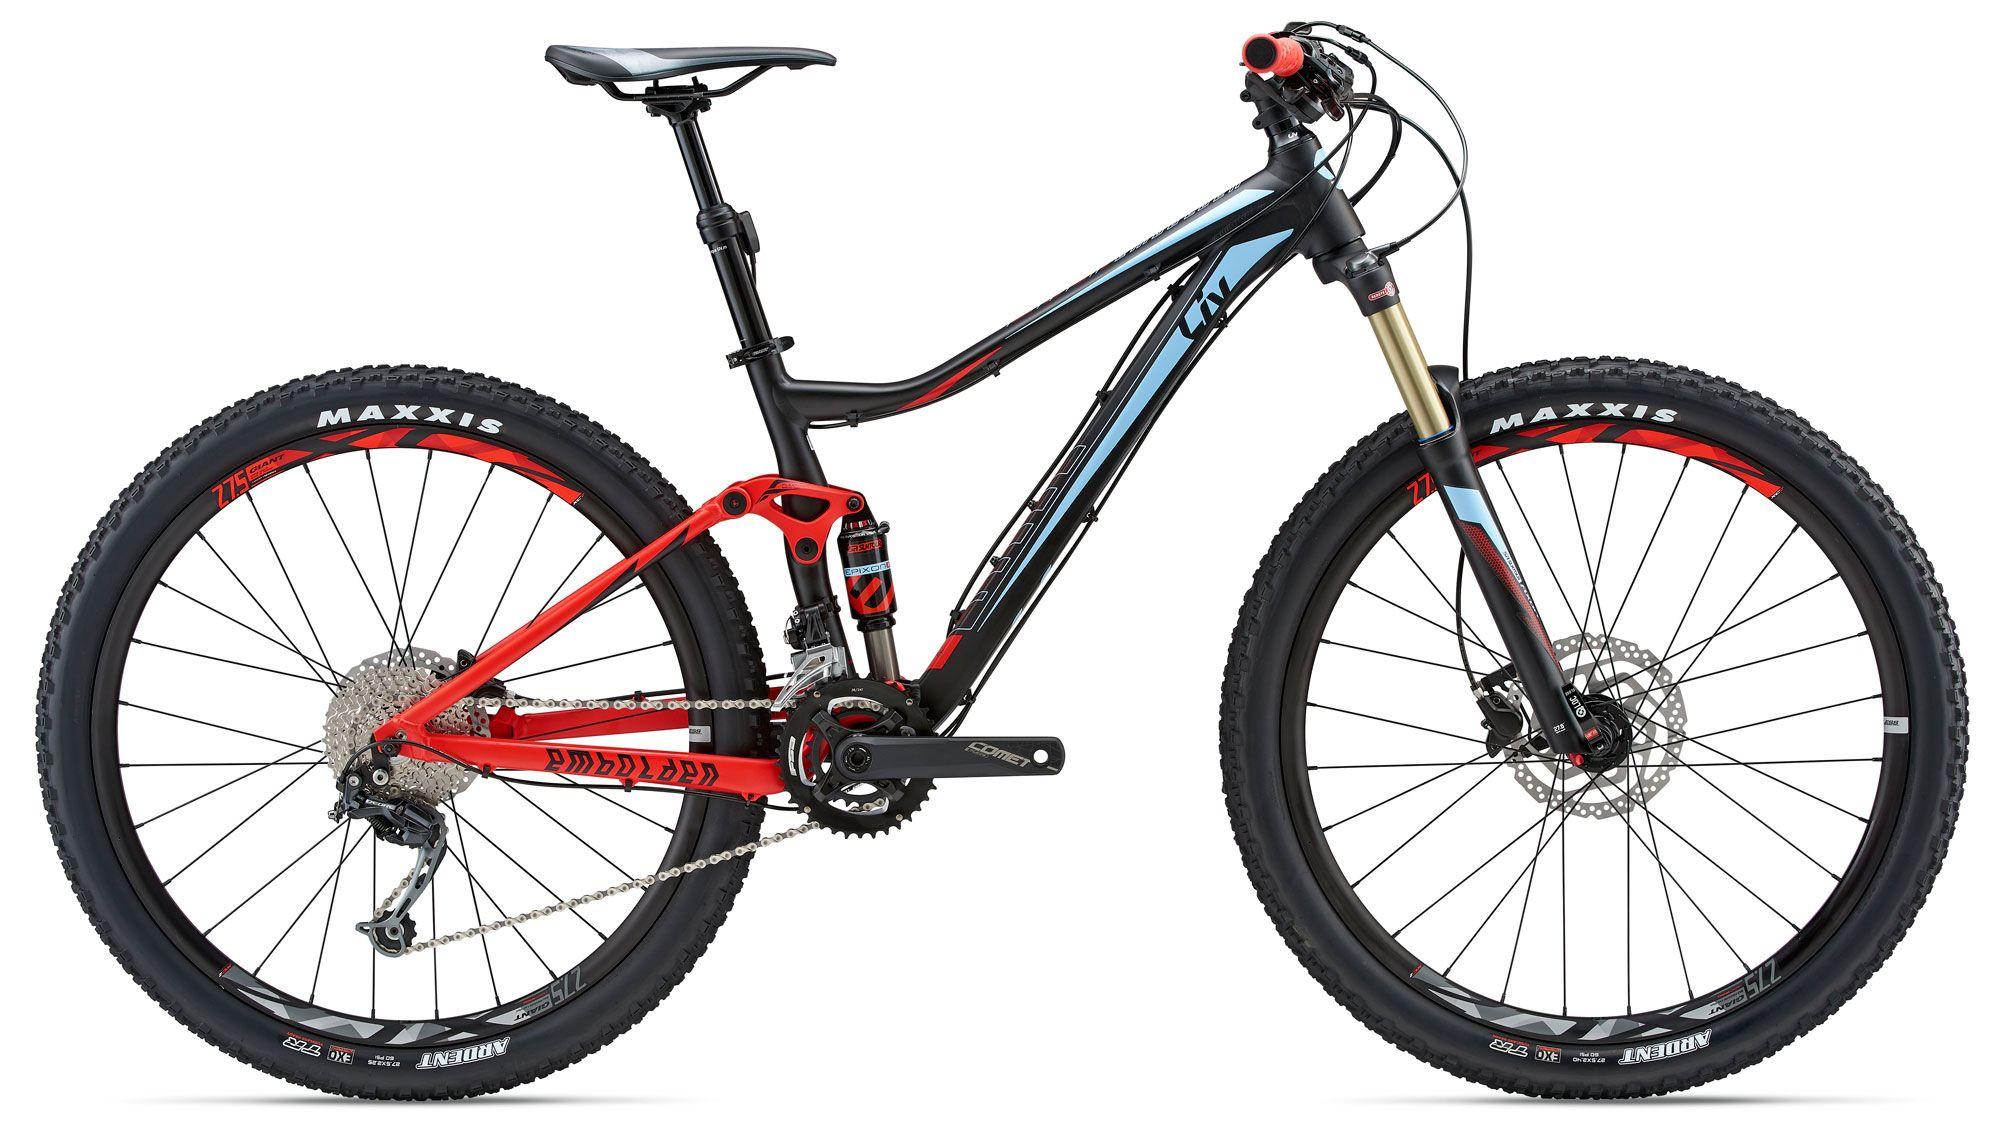 Велосипед Giant Embolden 2 2018 велосипед giant tcr advanced 2 compact 2013